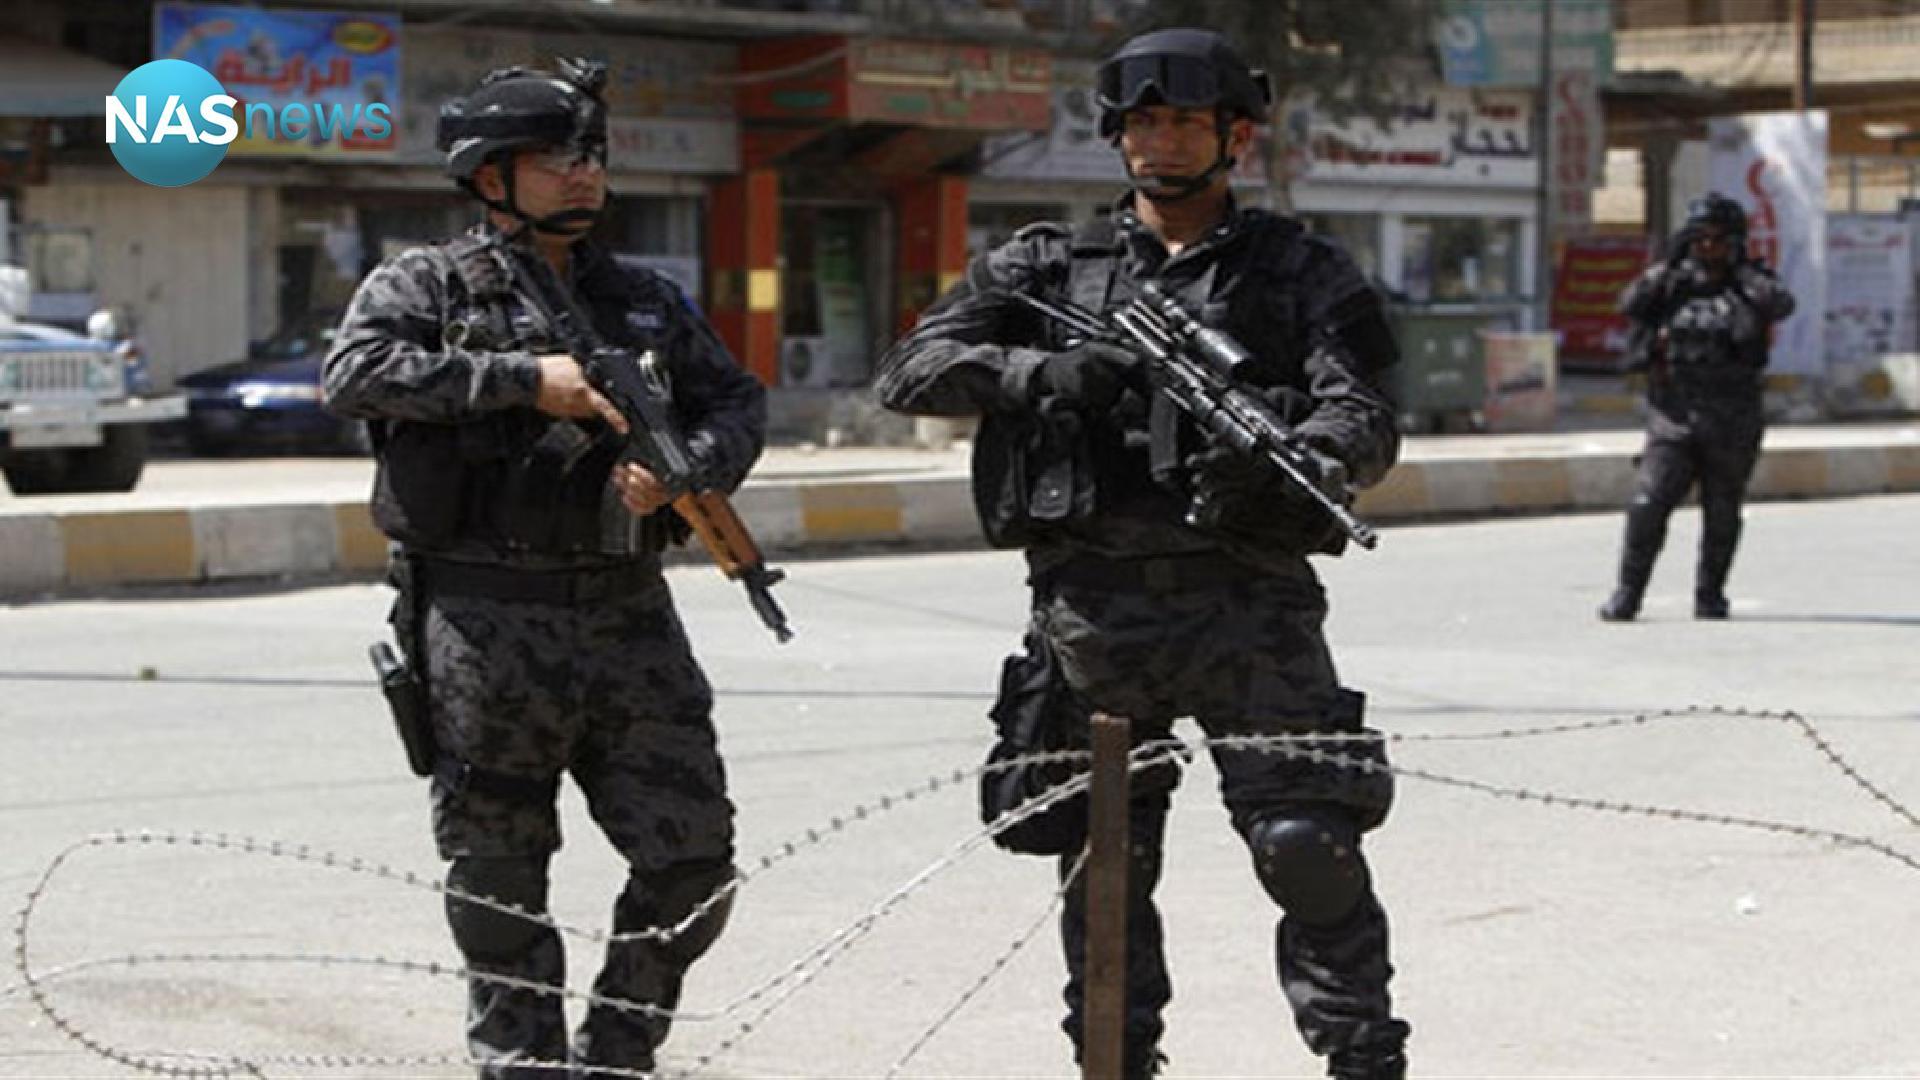 الأمن الوطني يحبط مخططاً لاستهداف بغداد بـ'طن' متفجرات (صور)